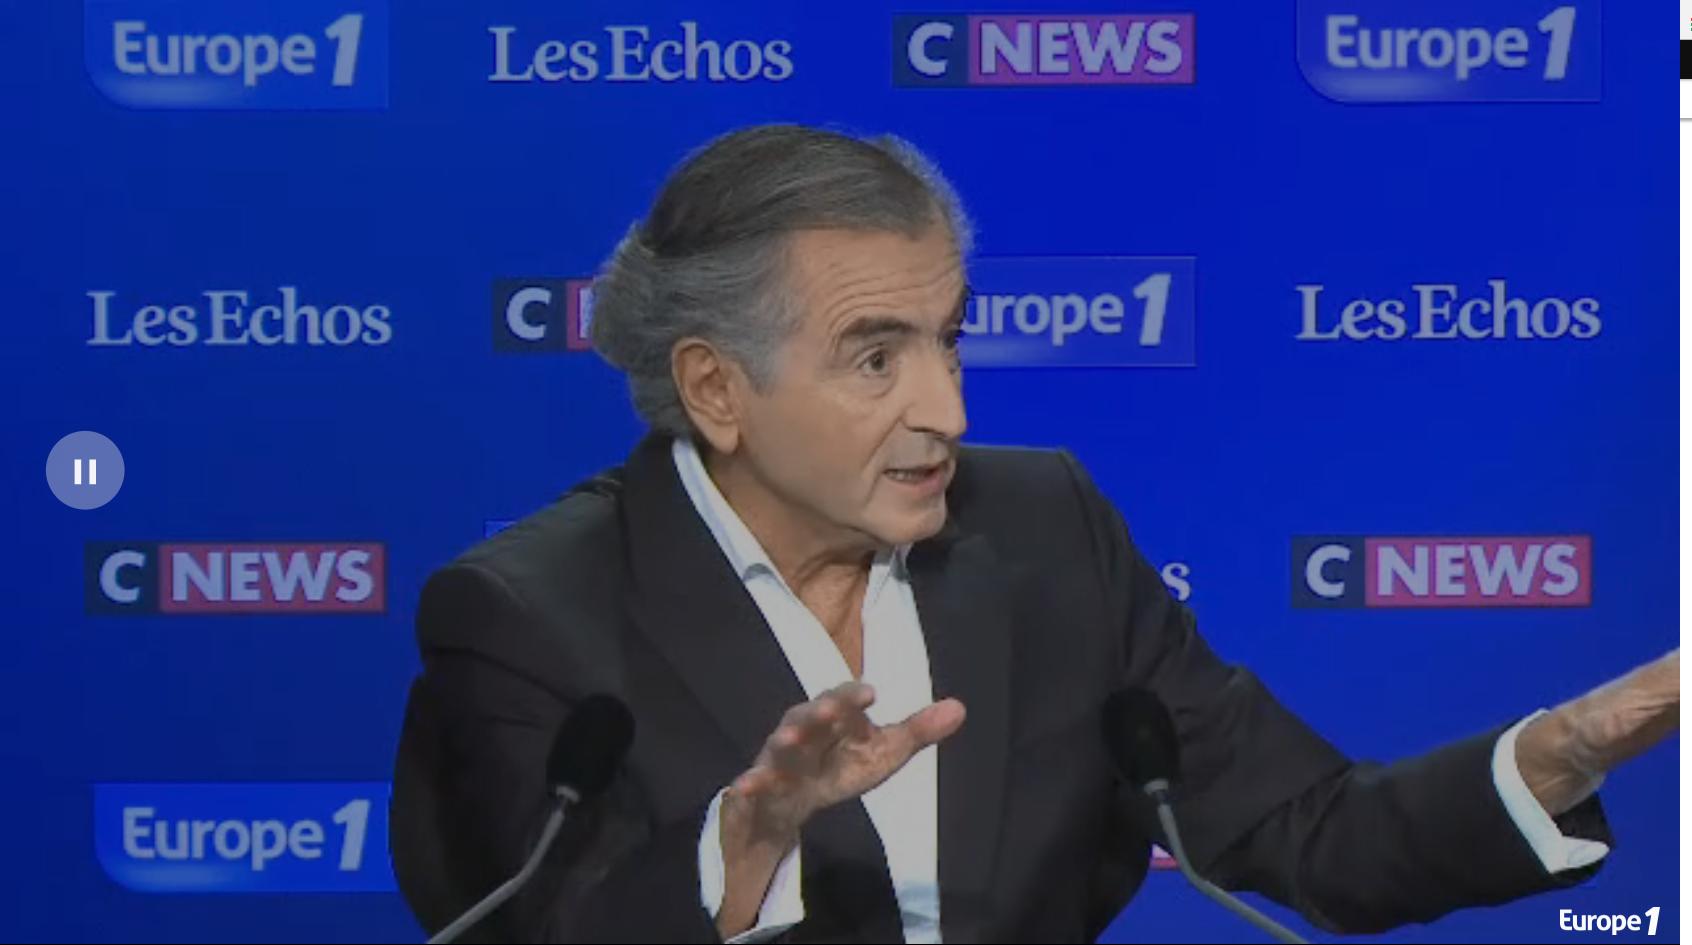 L'écrivain Bernard Henri-Lévy, dimanche 24 juin 2018 dans l'émission Le Grand Rendez-Vous